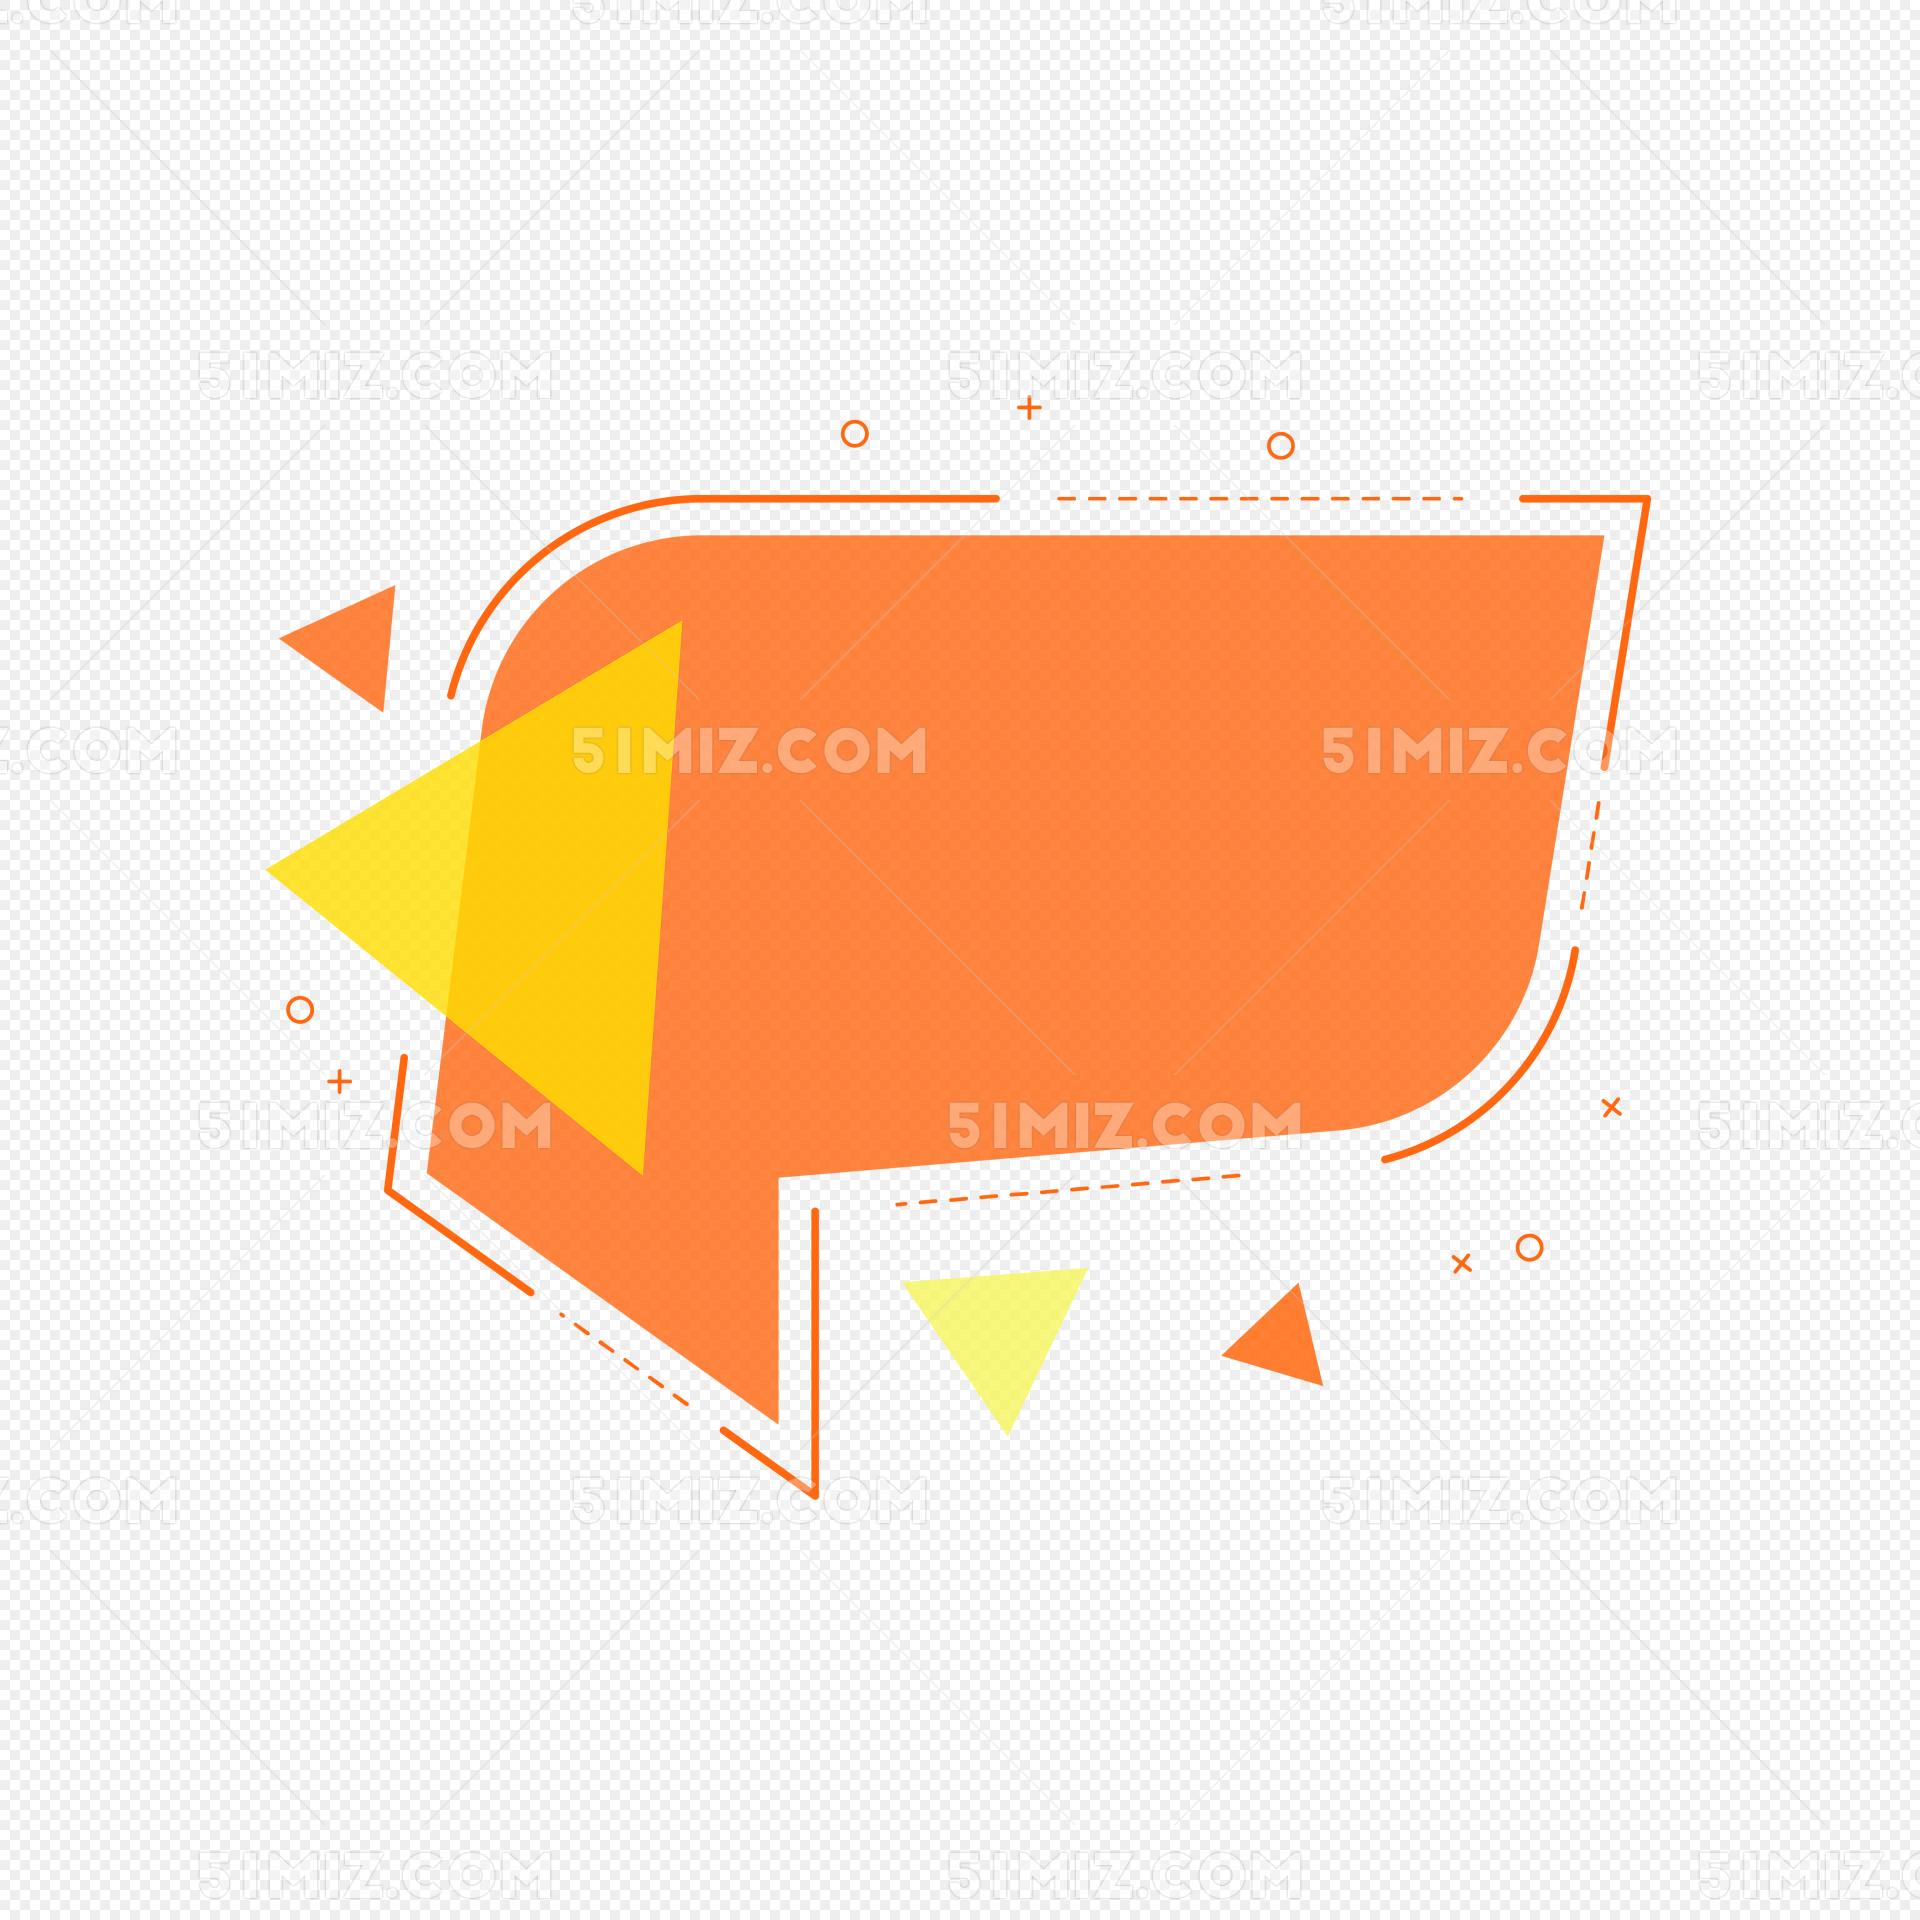 矢量卡通扁平化橙色几何边框